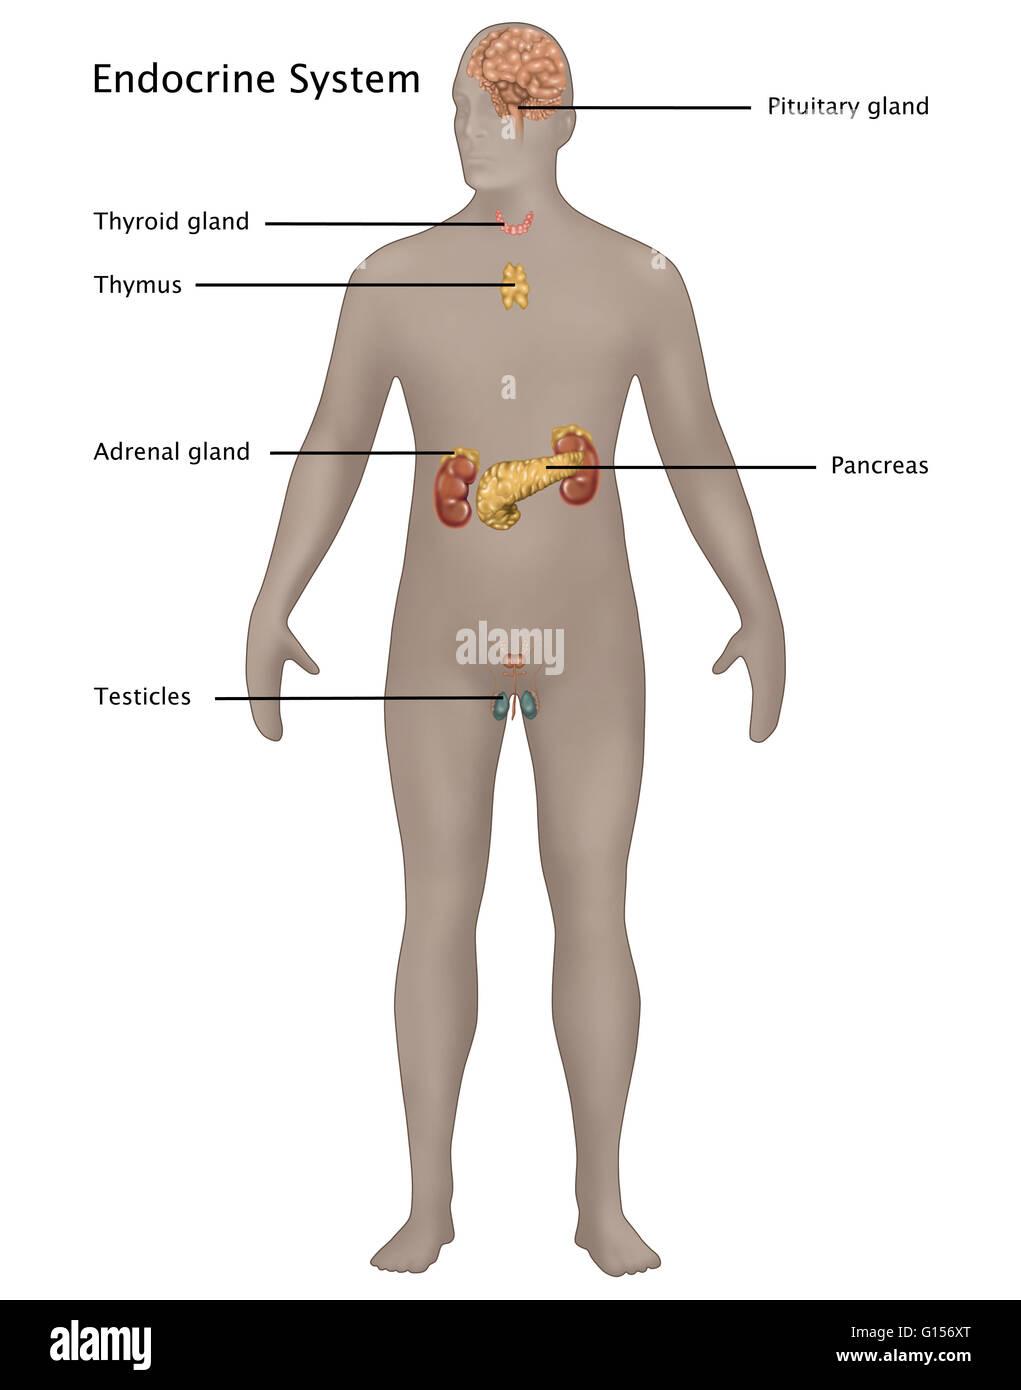 Ilustración del sistema endocrino en la anatomía masculina ...